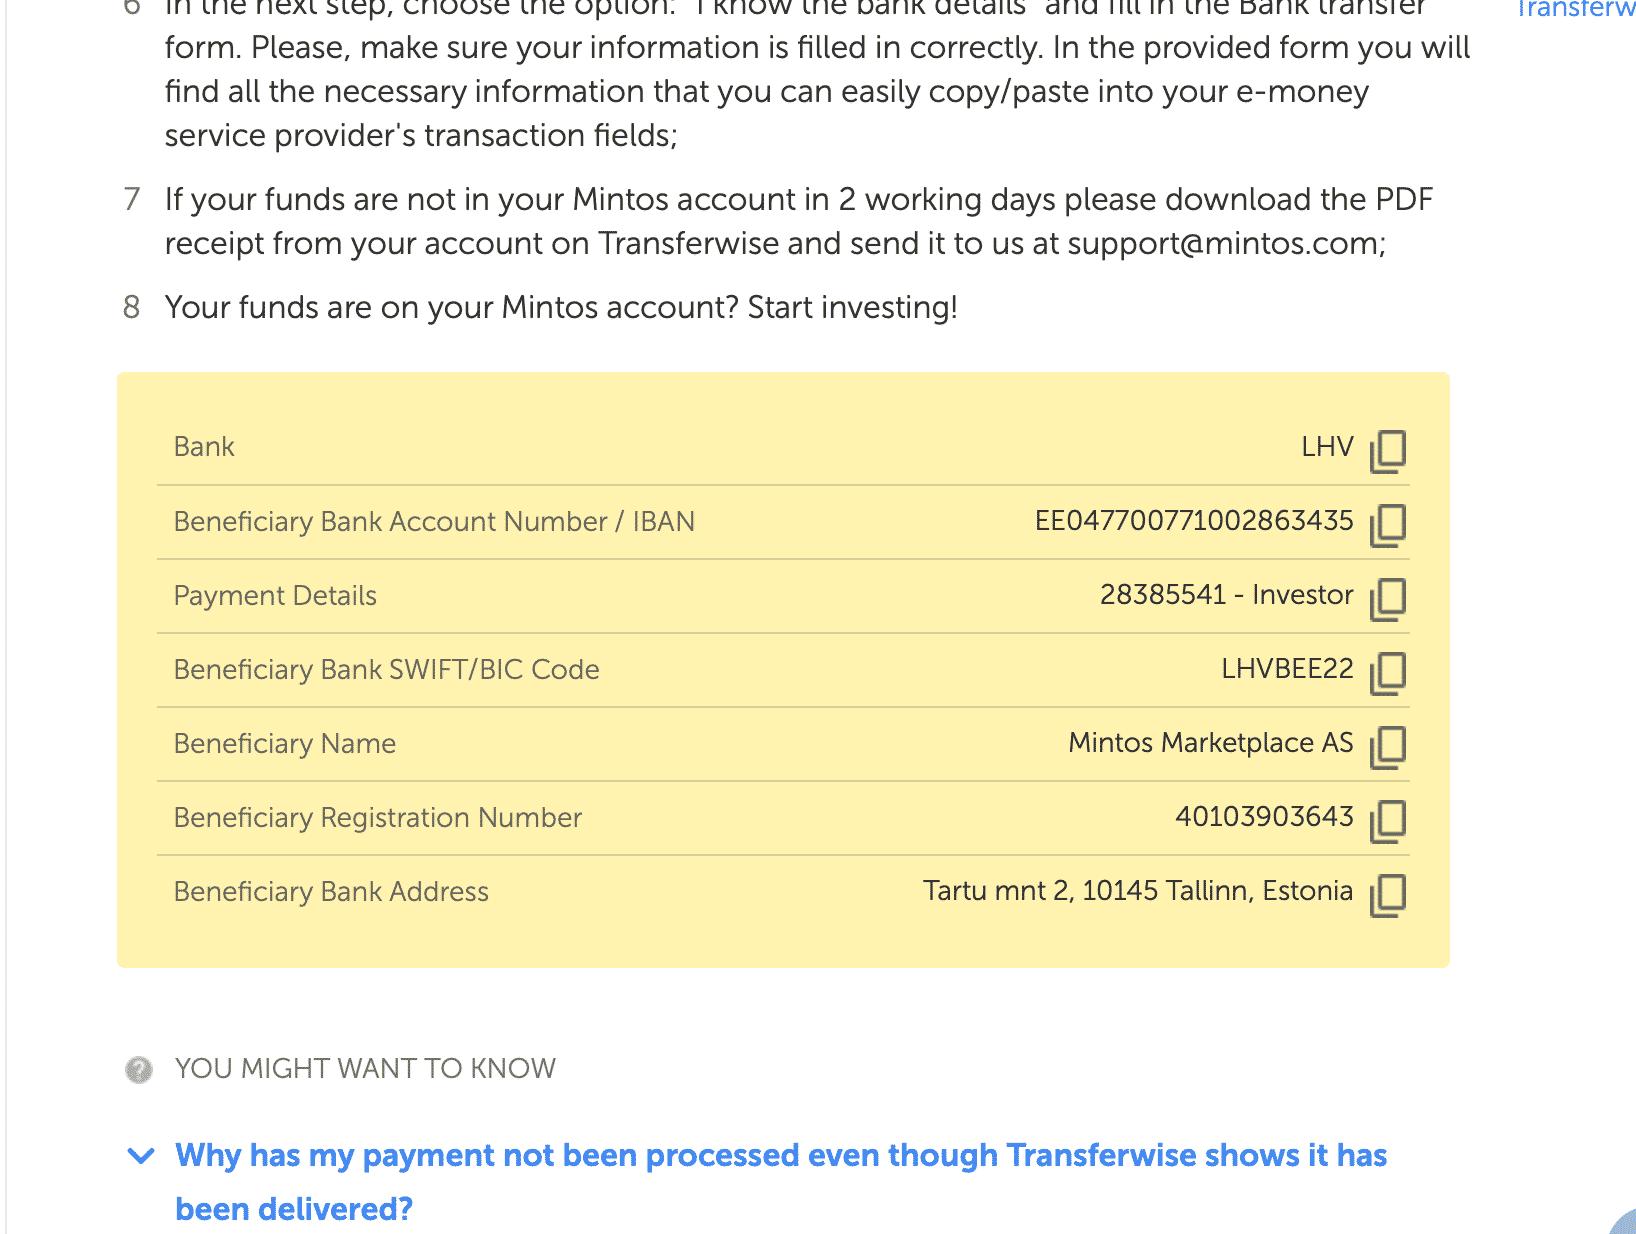 Nomor rekening Transferwise Mintos